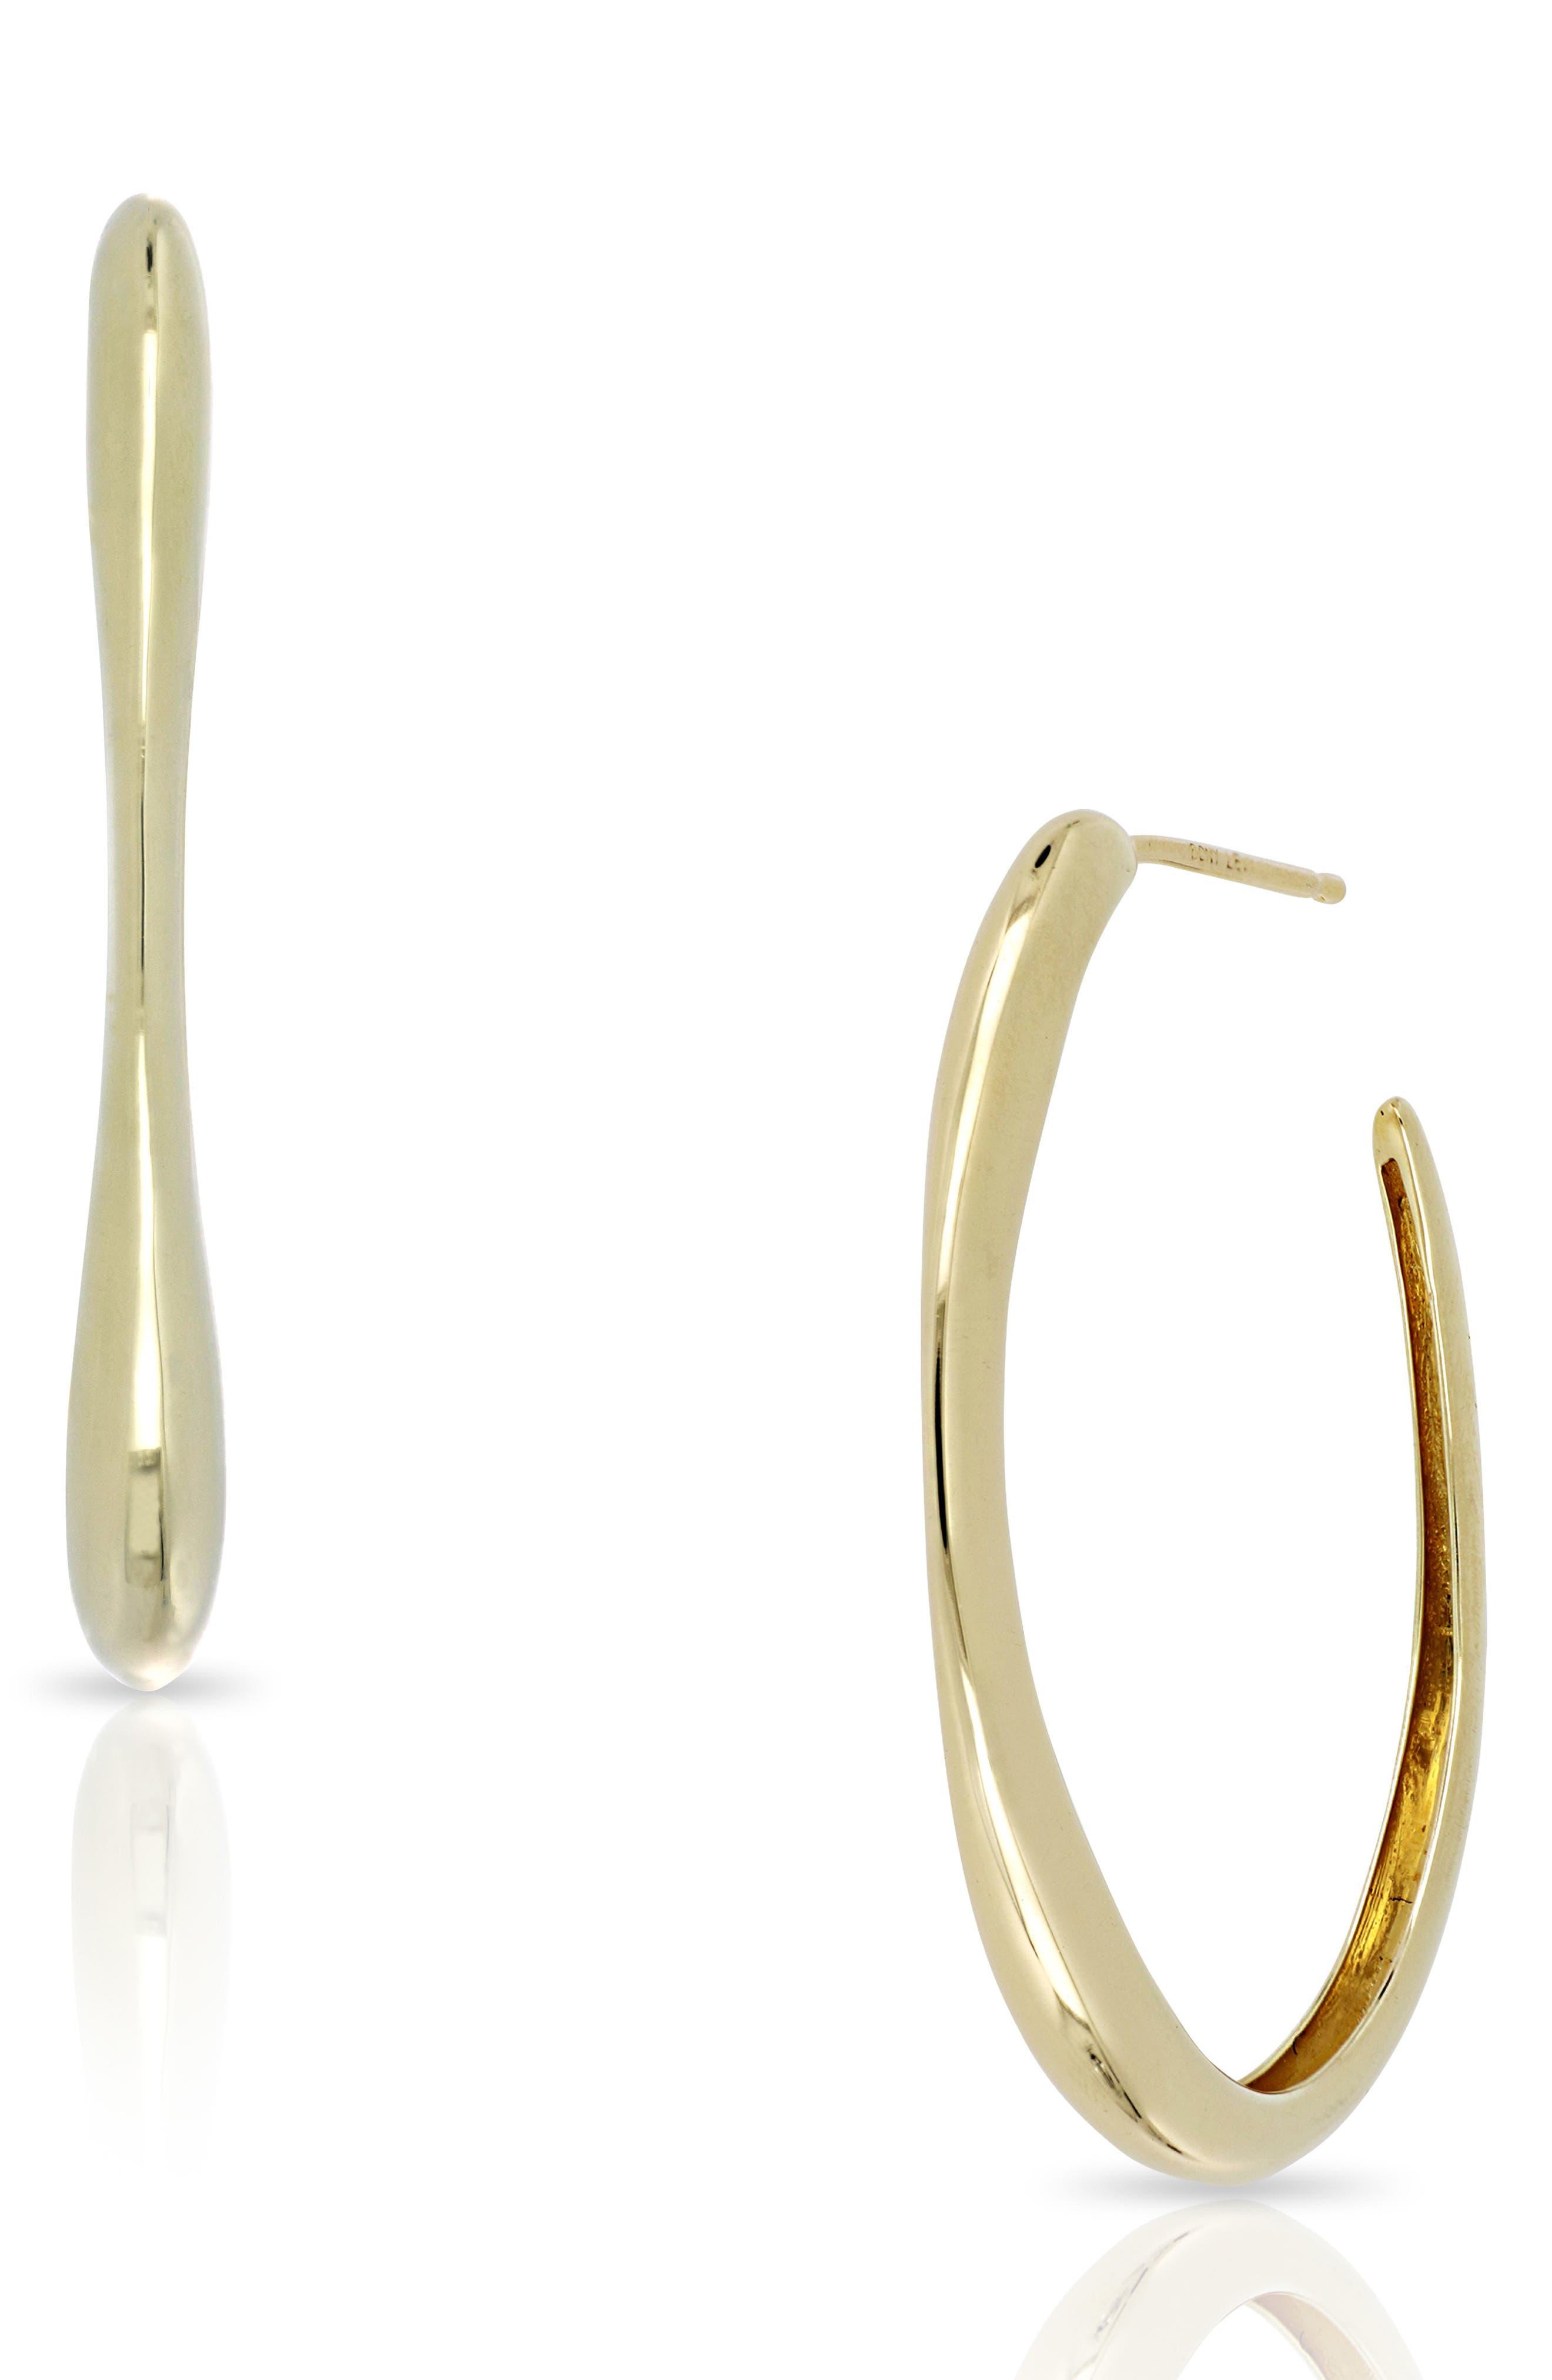 Ofira Oval Hoop Earrings,                             Main thumbnail 1, color,                             YELLOW GOLD